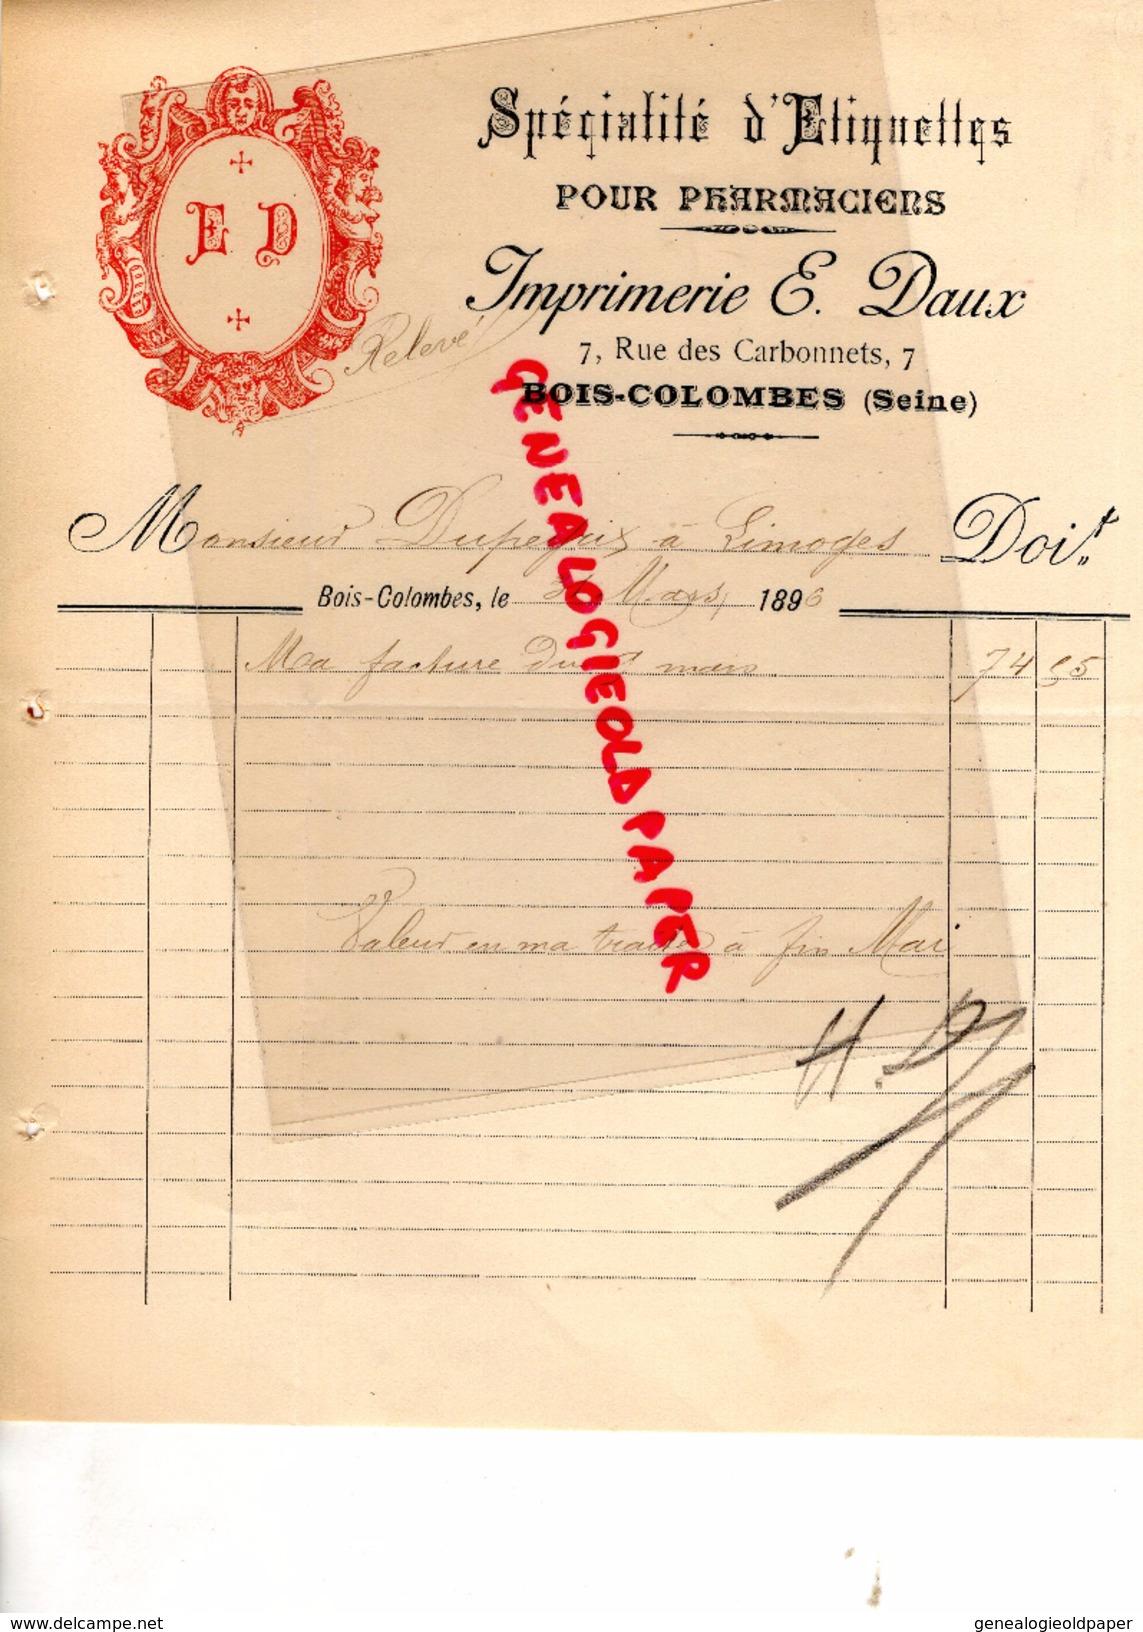 L u2019objet de collection que vous recherchez est sur Delcampe # Imprimerie Bois Colombes